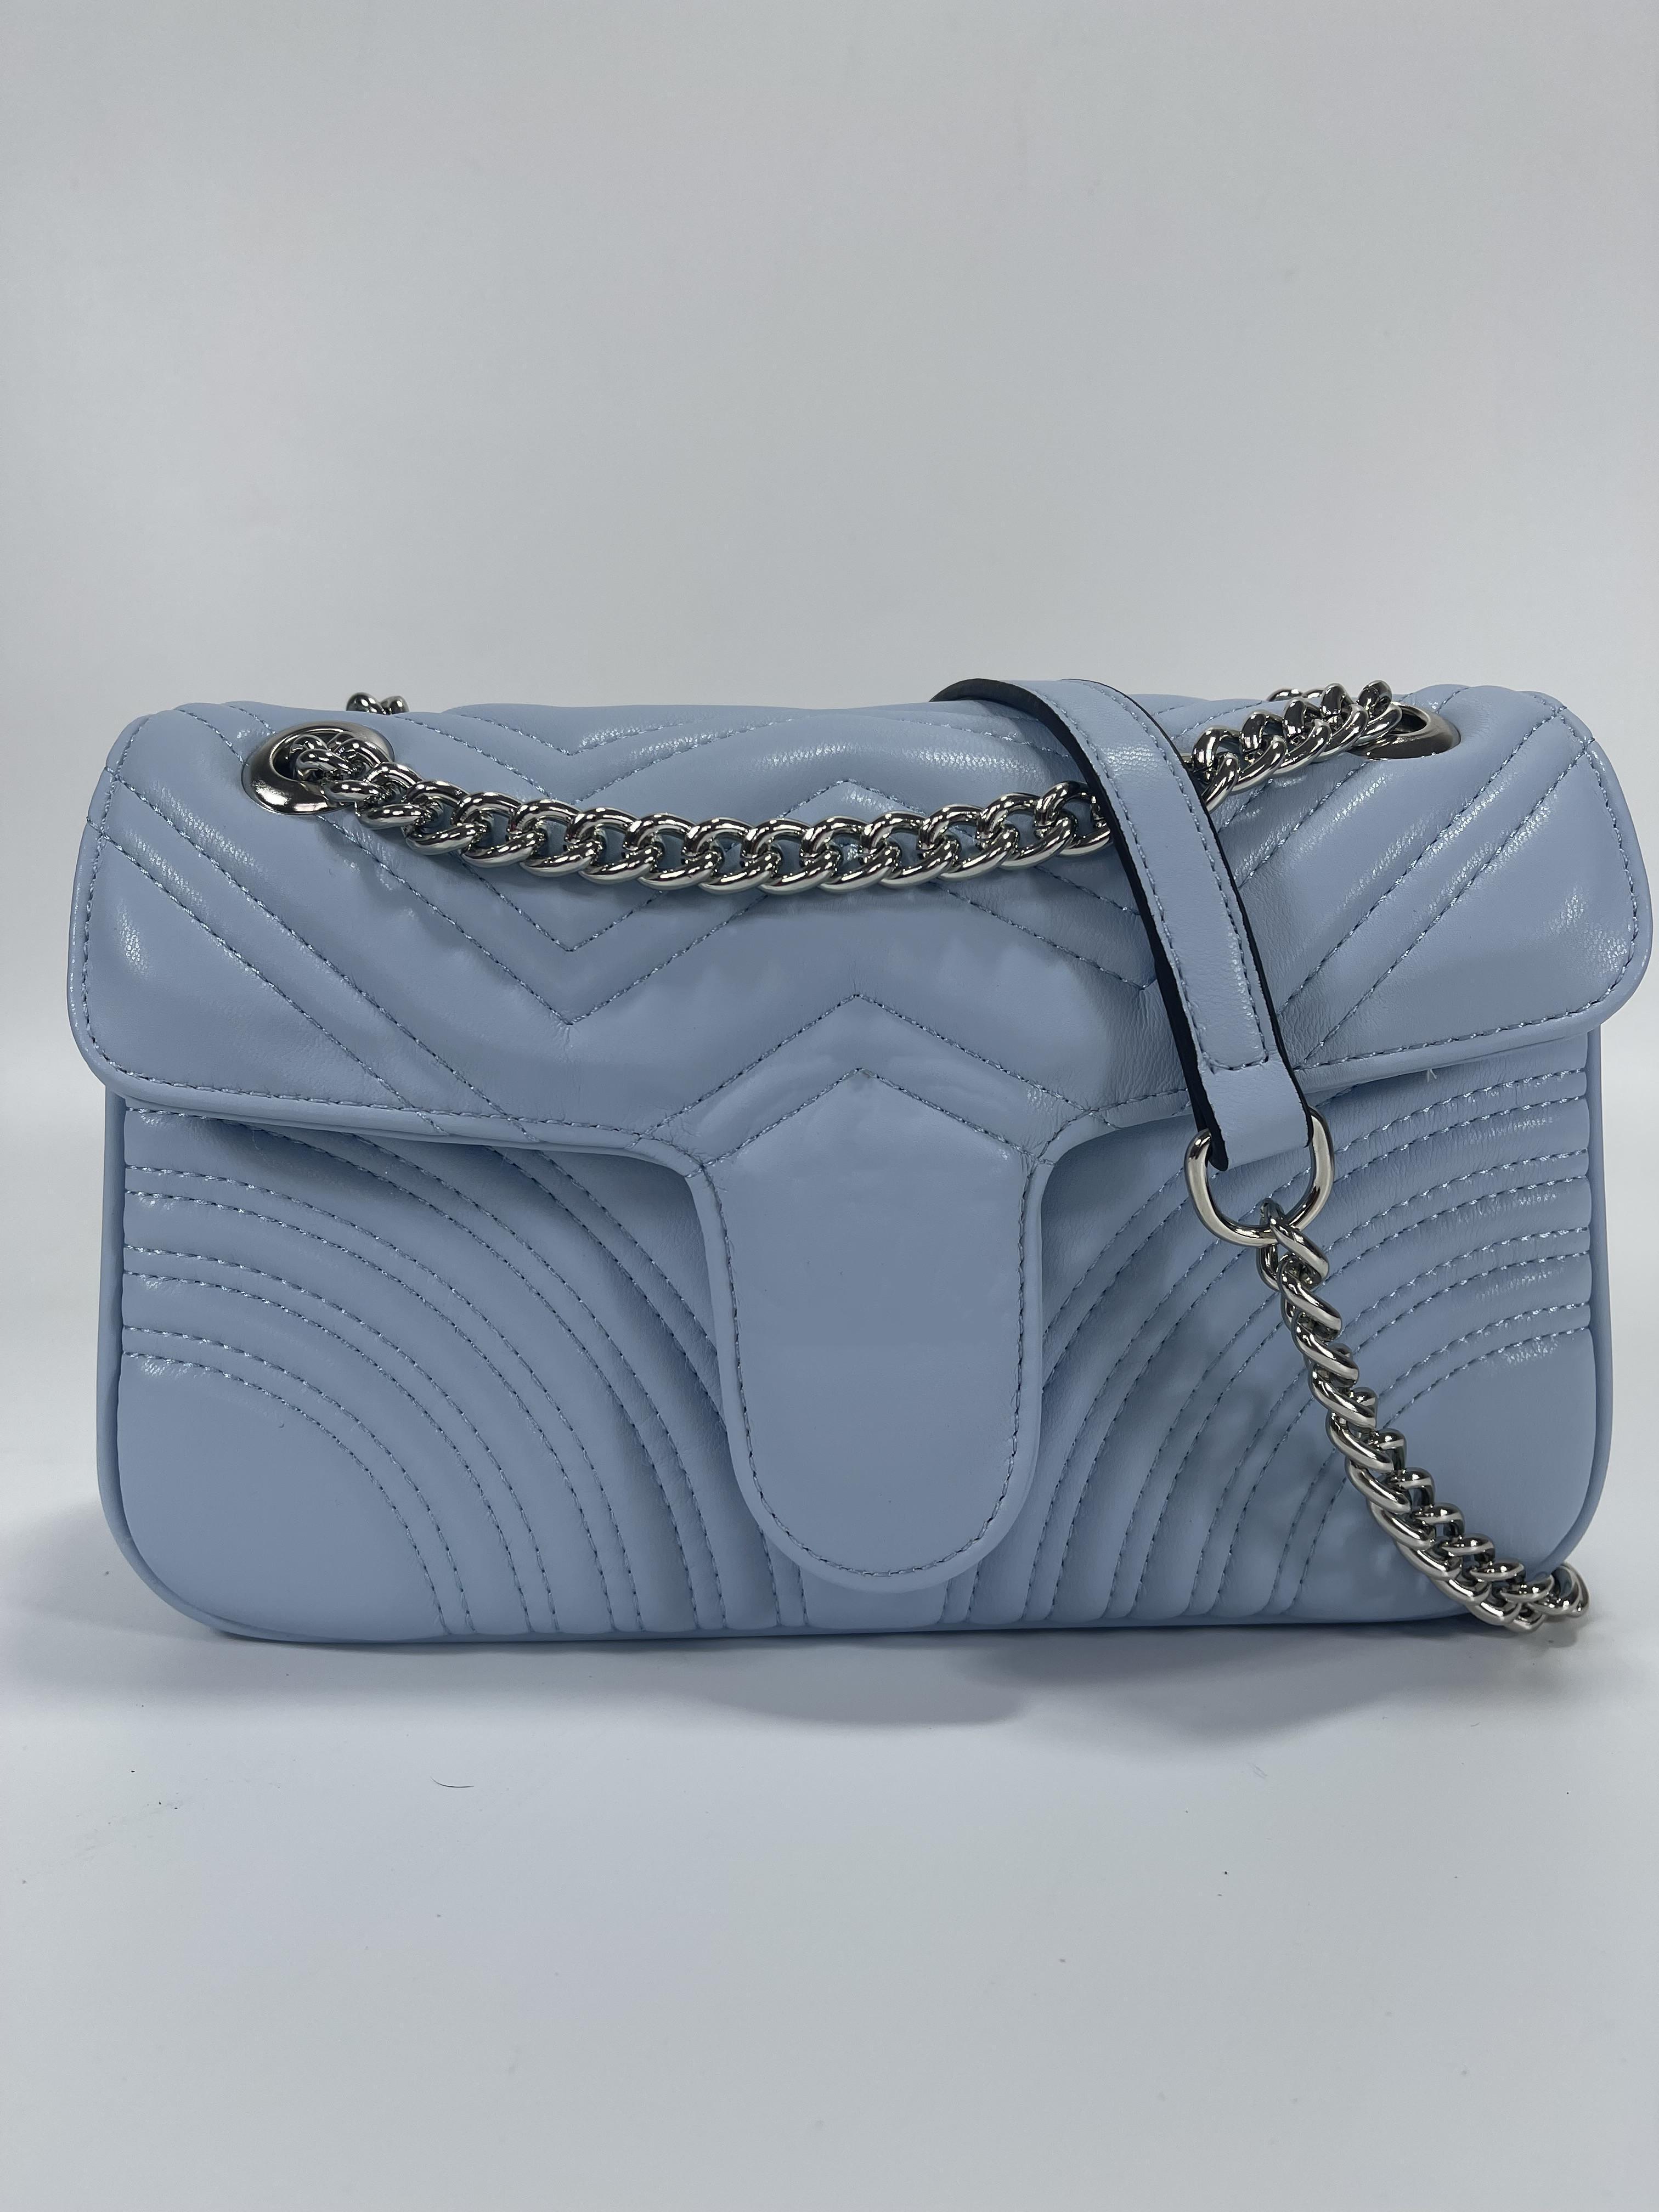 Hohe Qualität Mode Frauen Umhängetaschen Gold Silber und Splitterkette Crossbody Bag Weibliche Messenger Handtasche Brieftasche 12 Farben